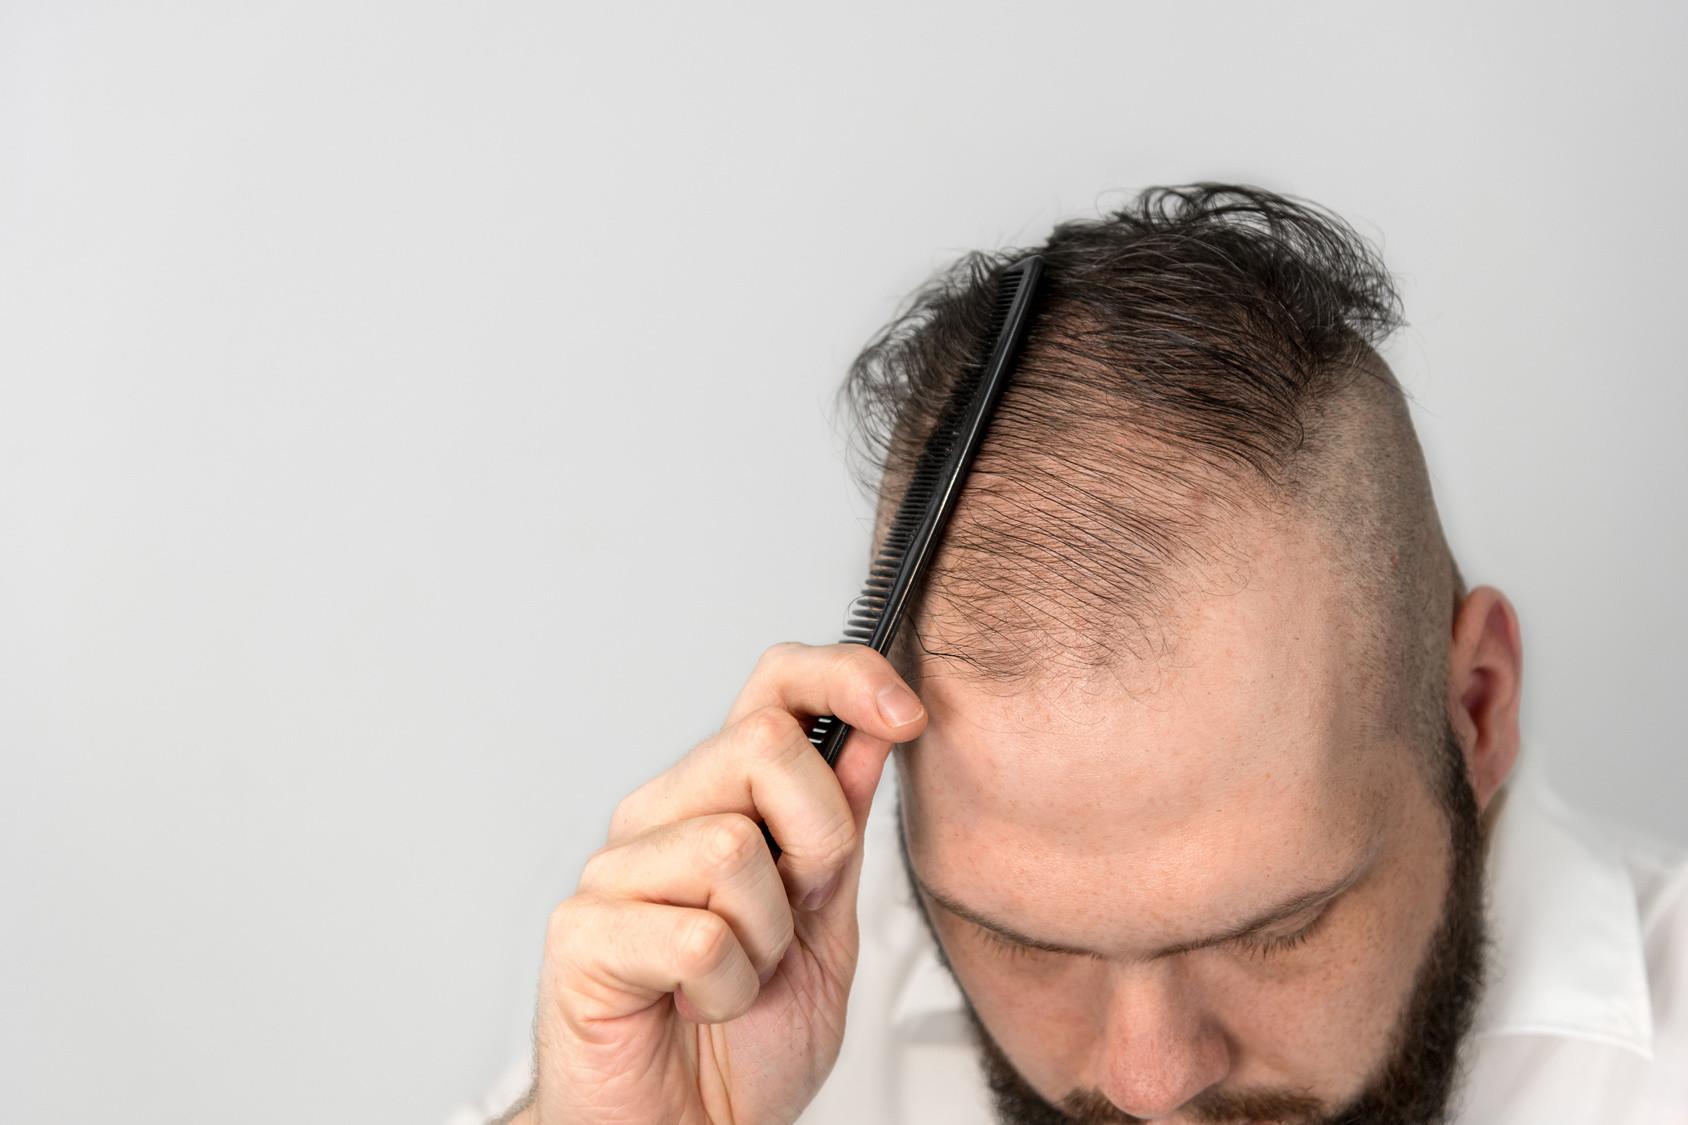 Korrektur einer Haarverpflanzung